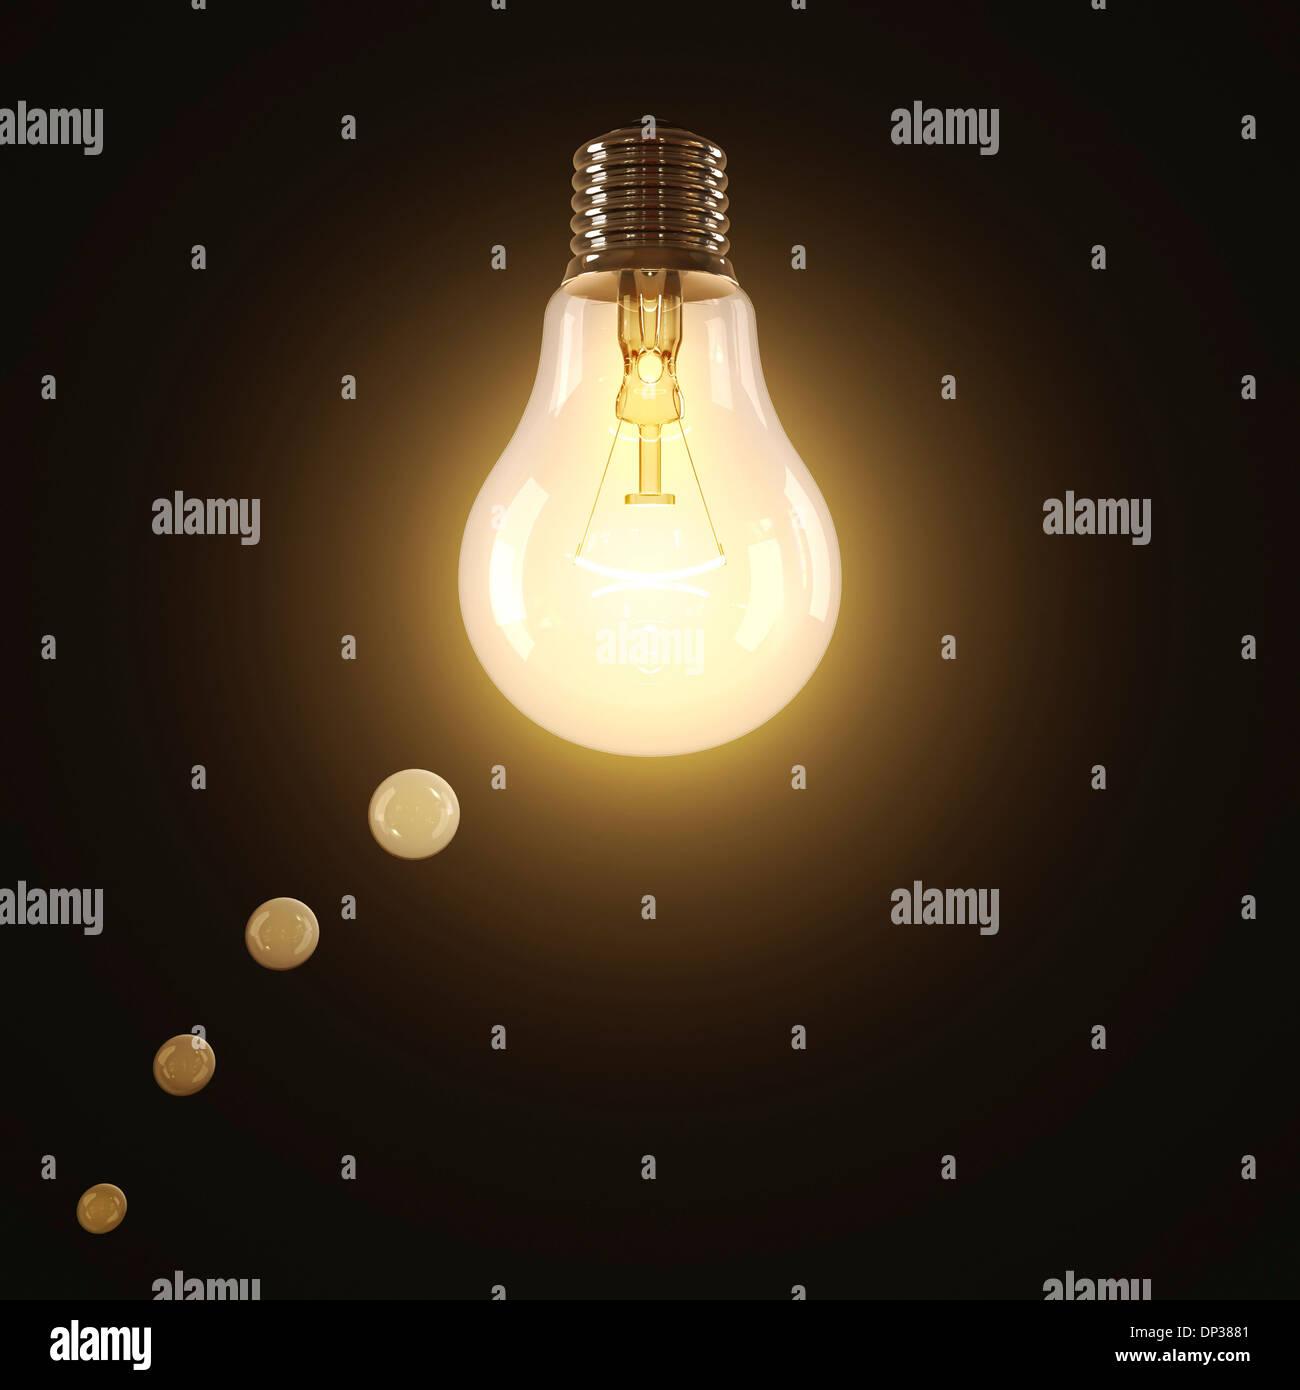 La créativité, conceptual artwork Photo Stock